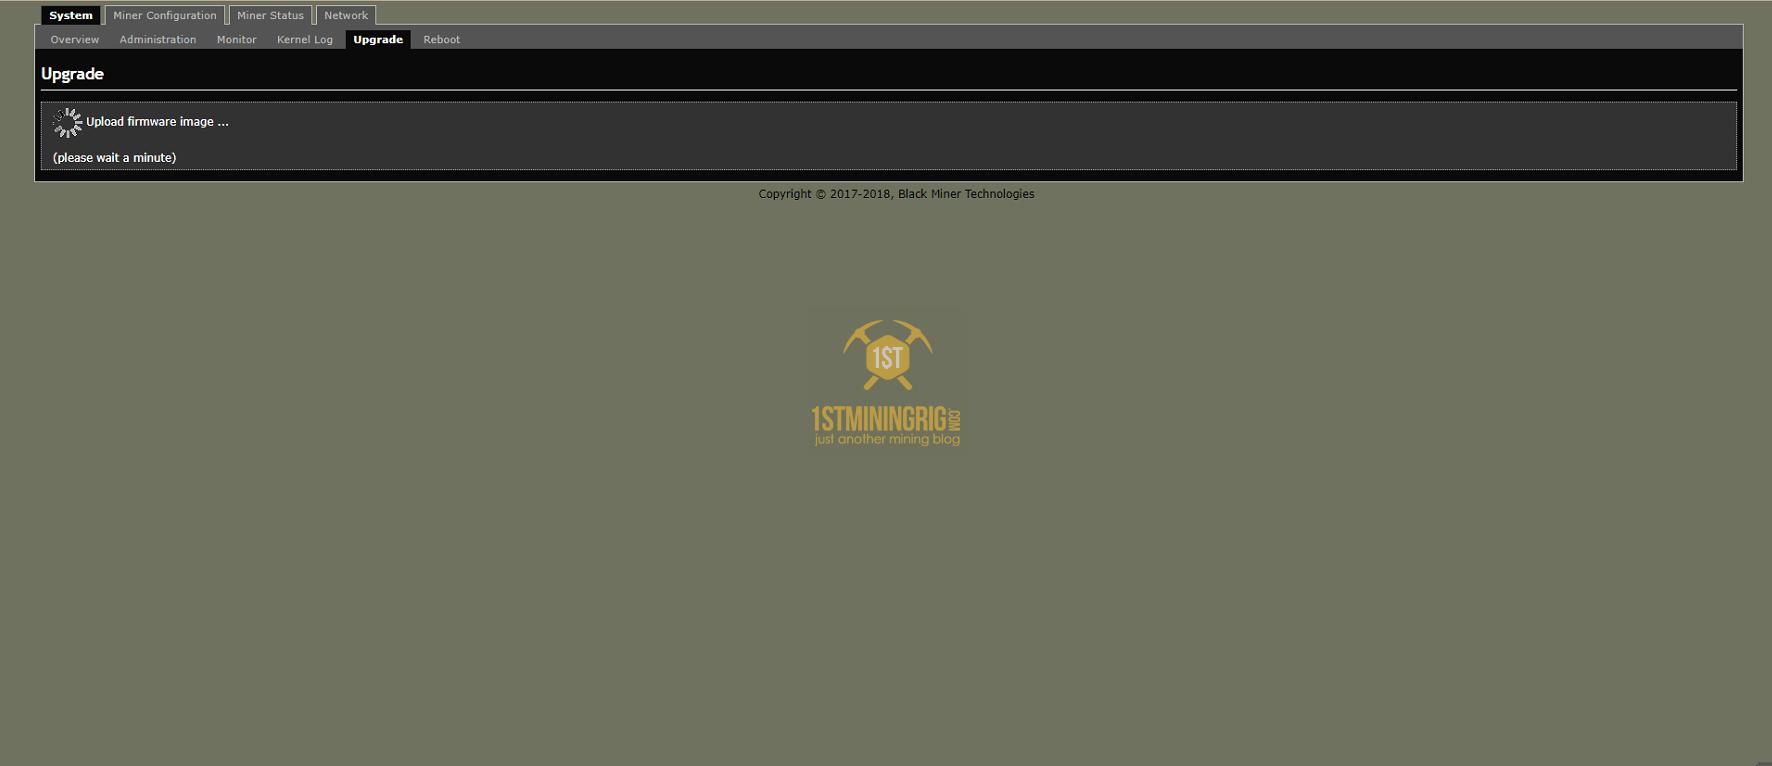 BlackMiner-F1-Uploading-Bitstream-Image